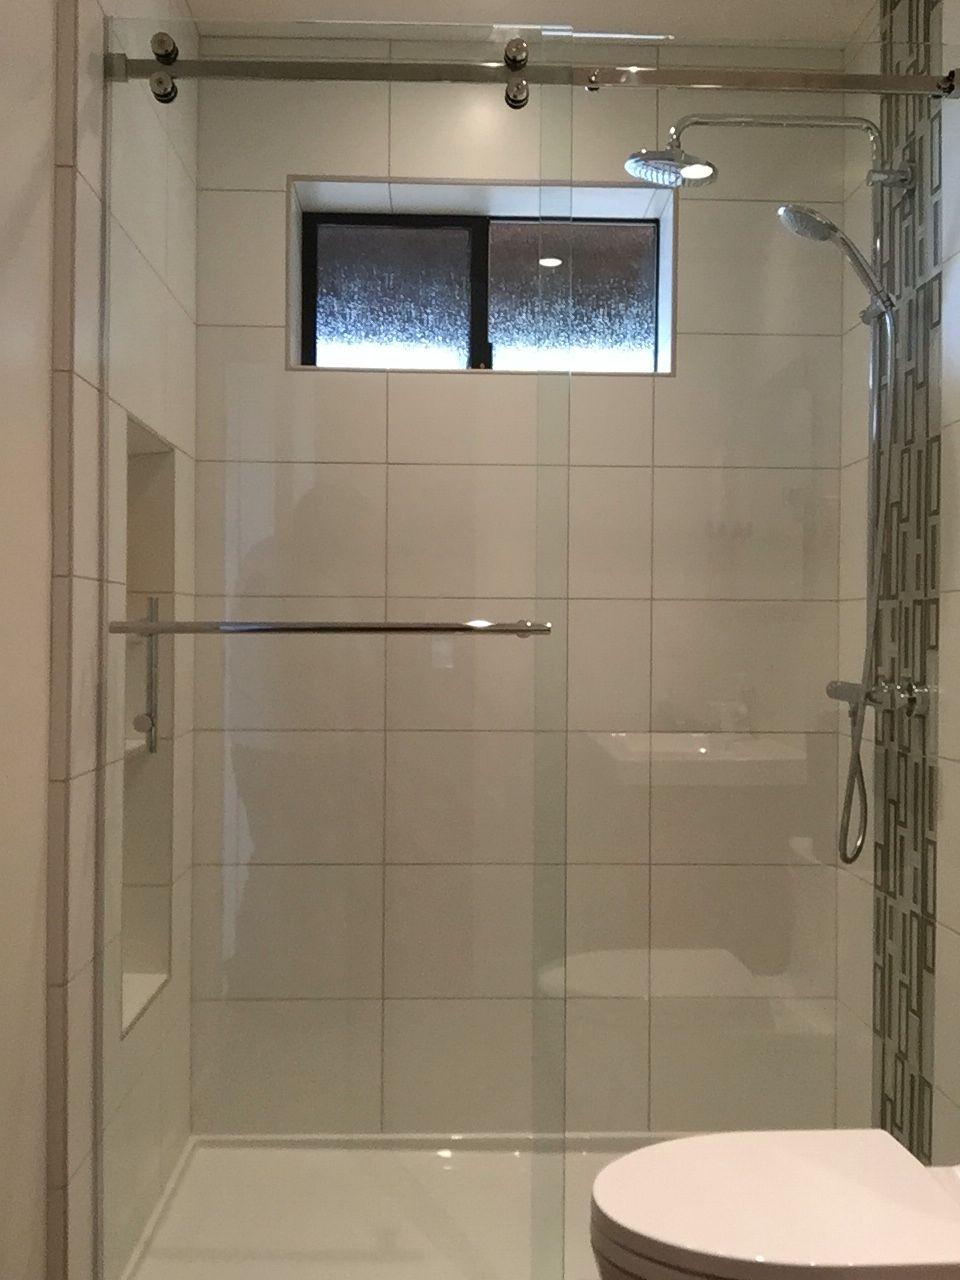 Serenity Series Frameless Sliding Shower Enclosure 38